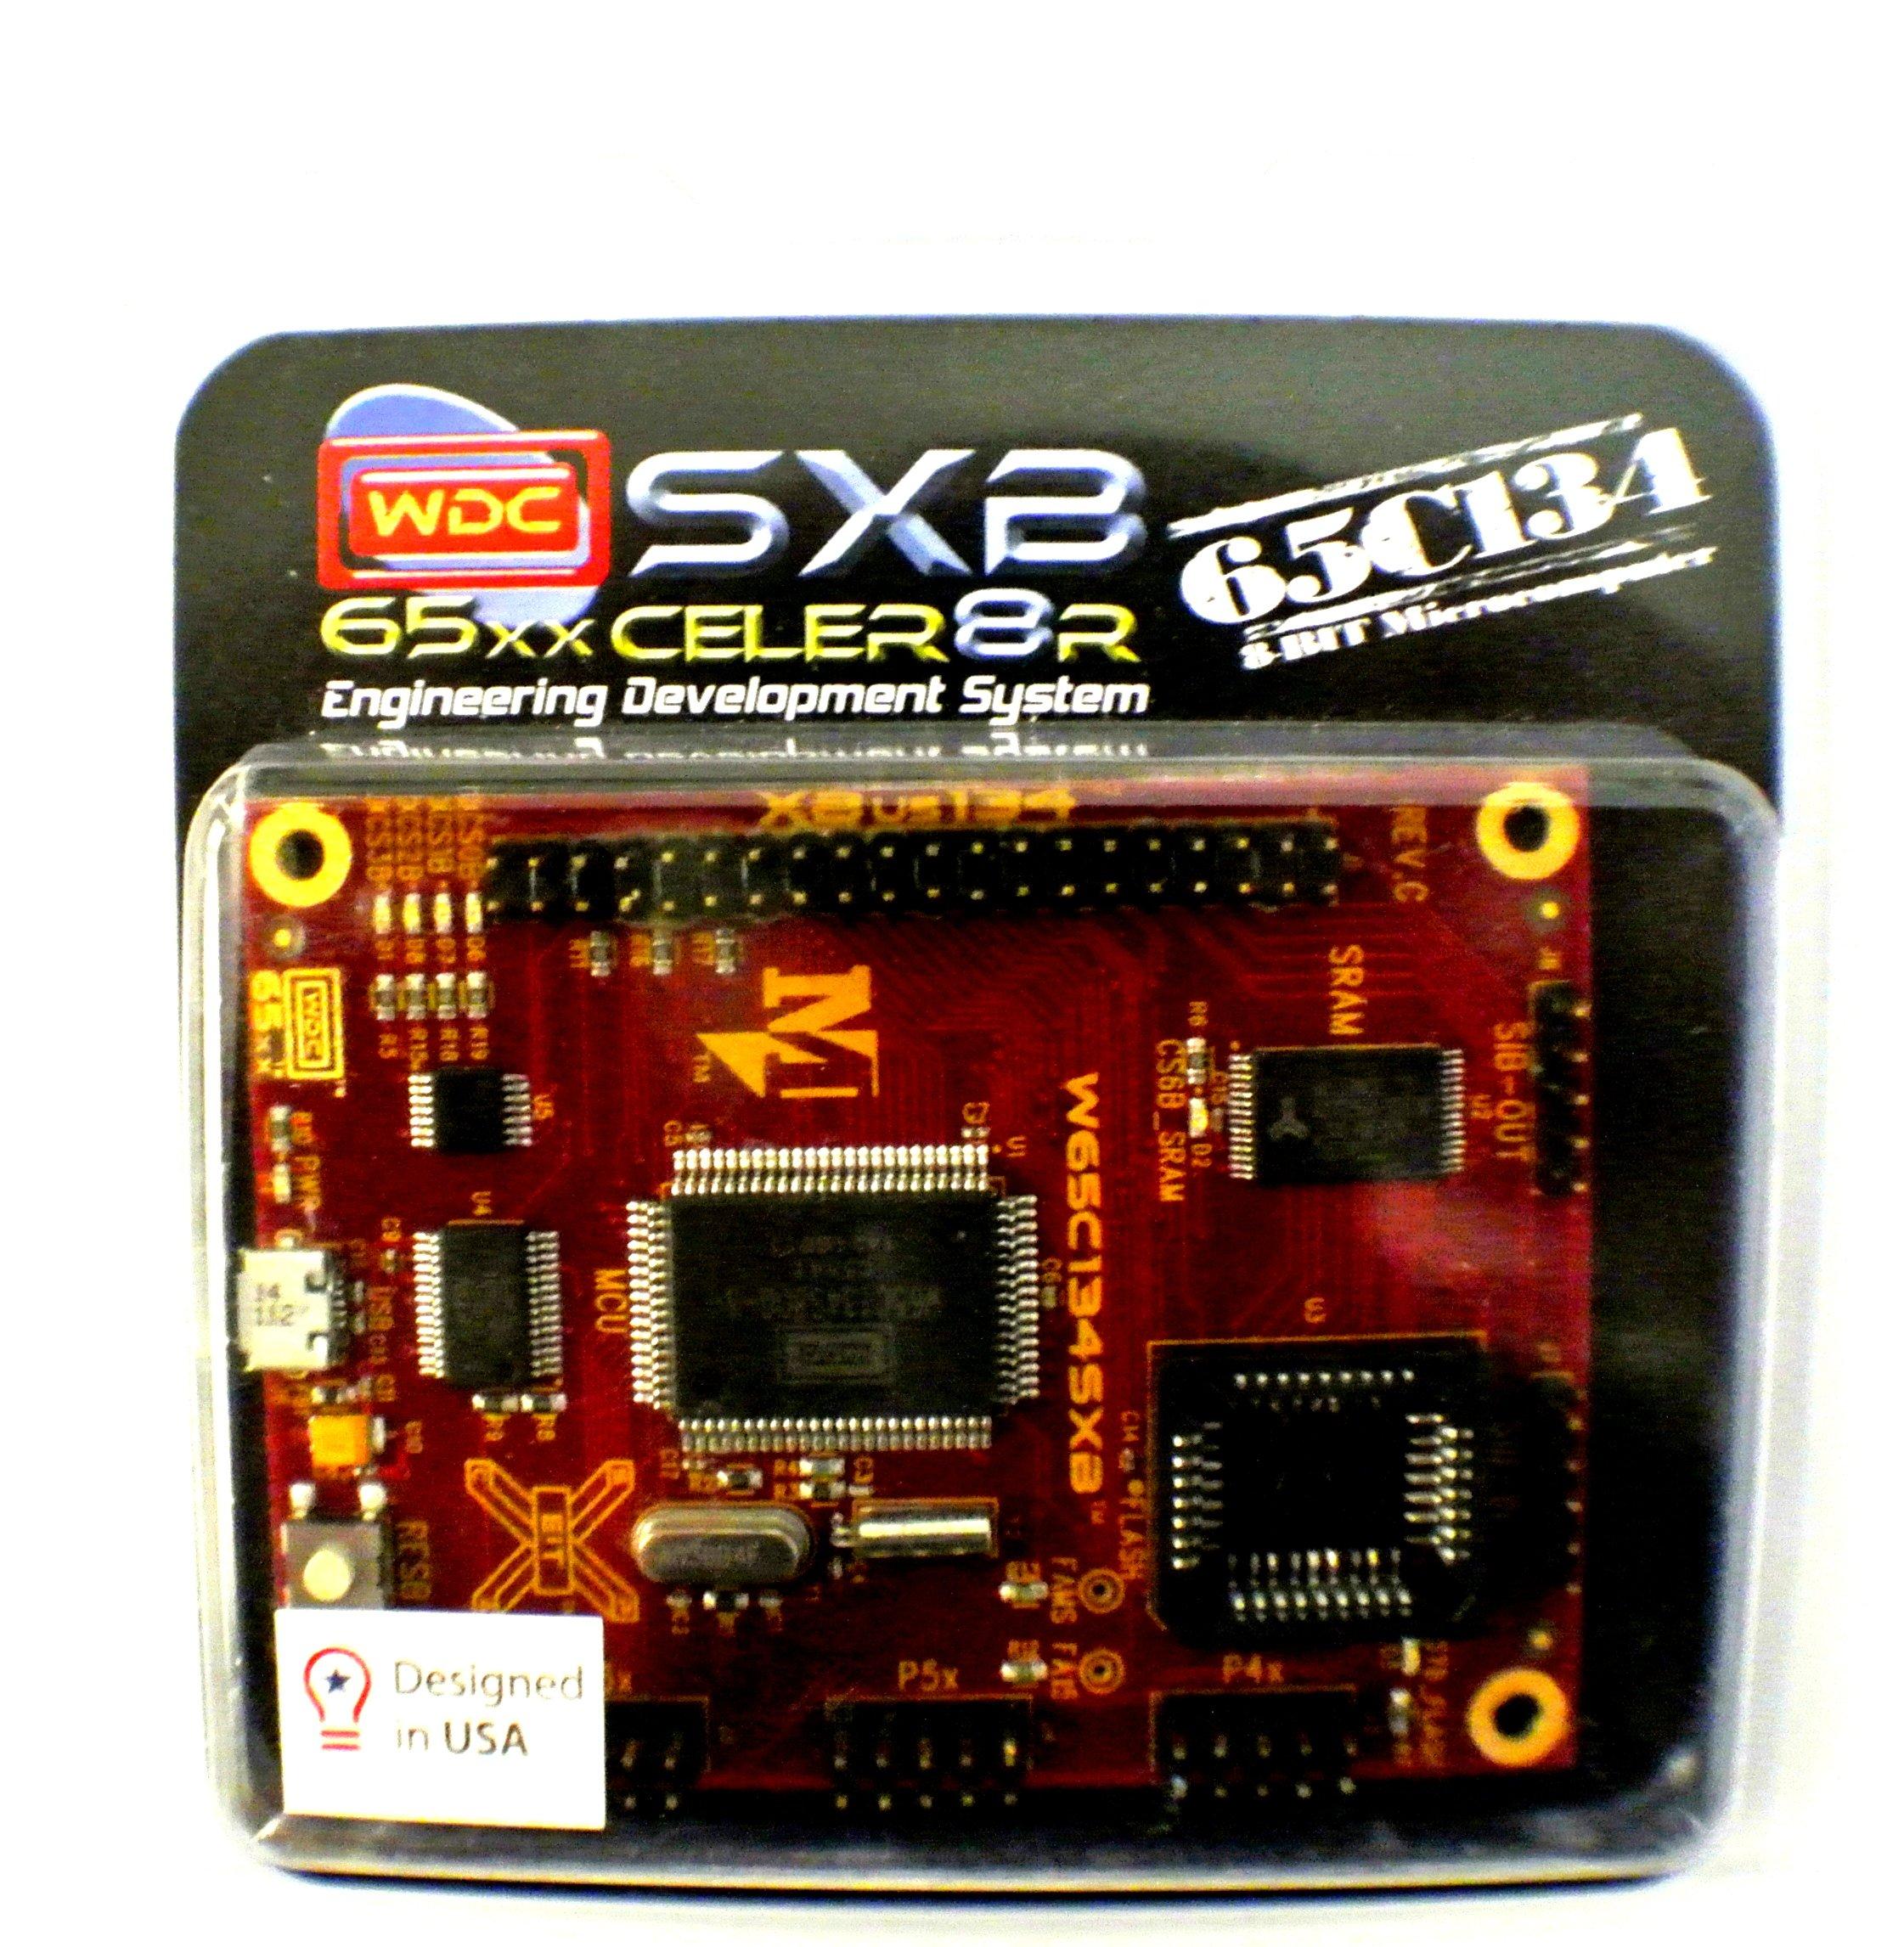 W65C134SXB - Sistema de desarrollo de ingeniería WDC Xxcelr8r - Placa con la microcomputadora W65C134S de 8 bits